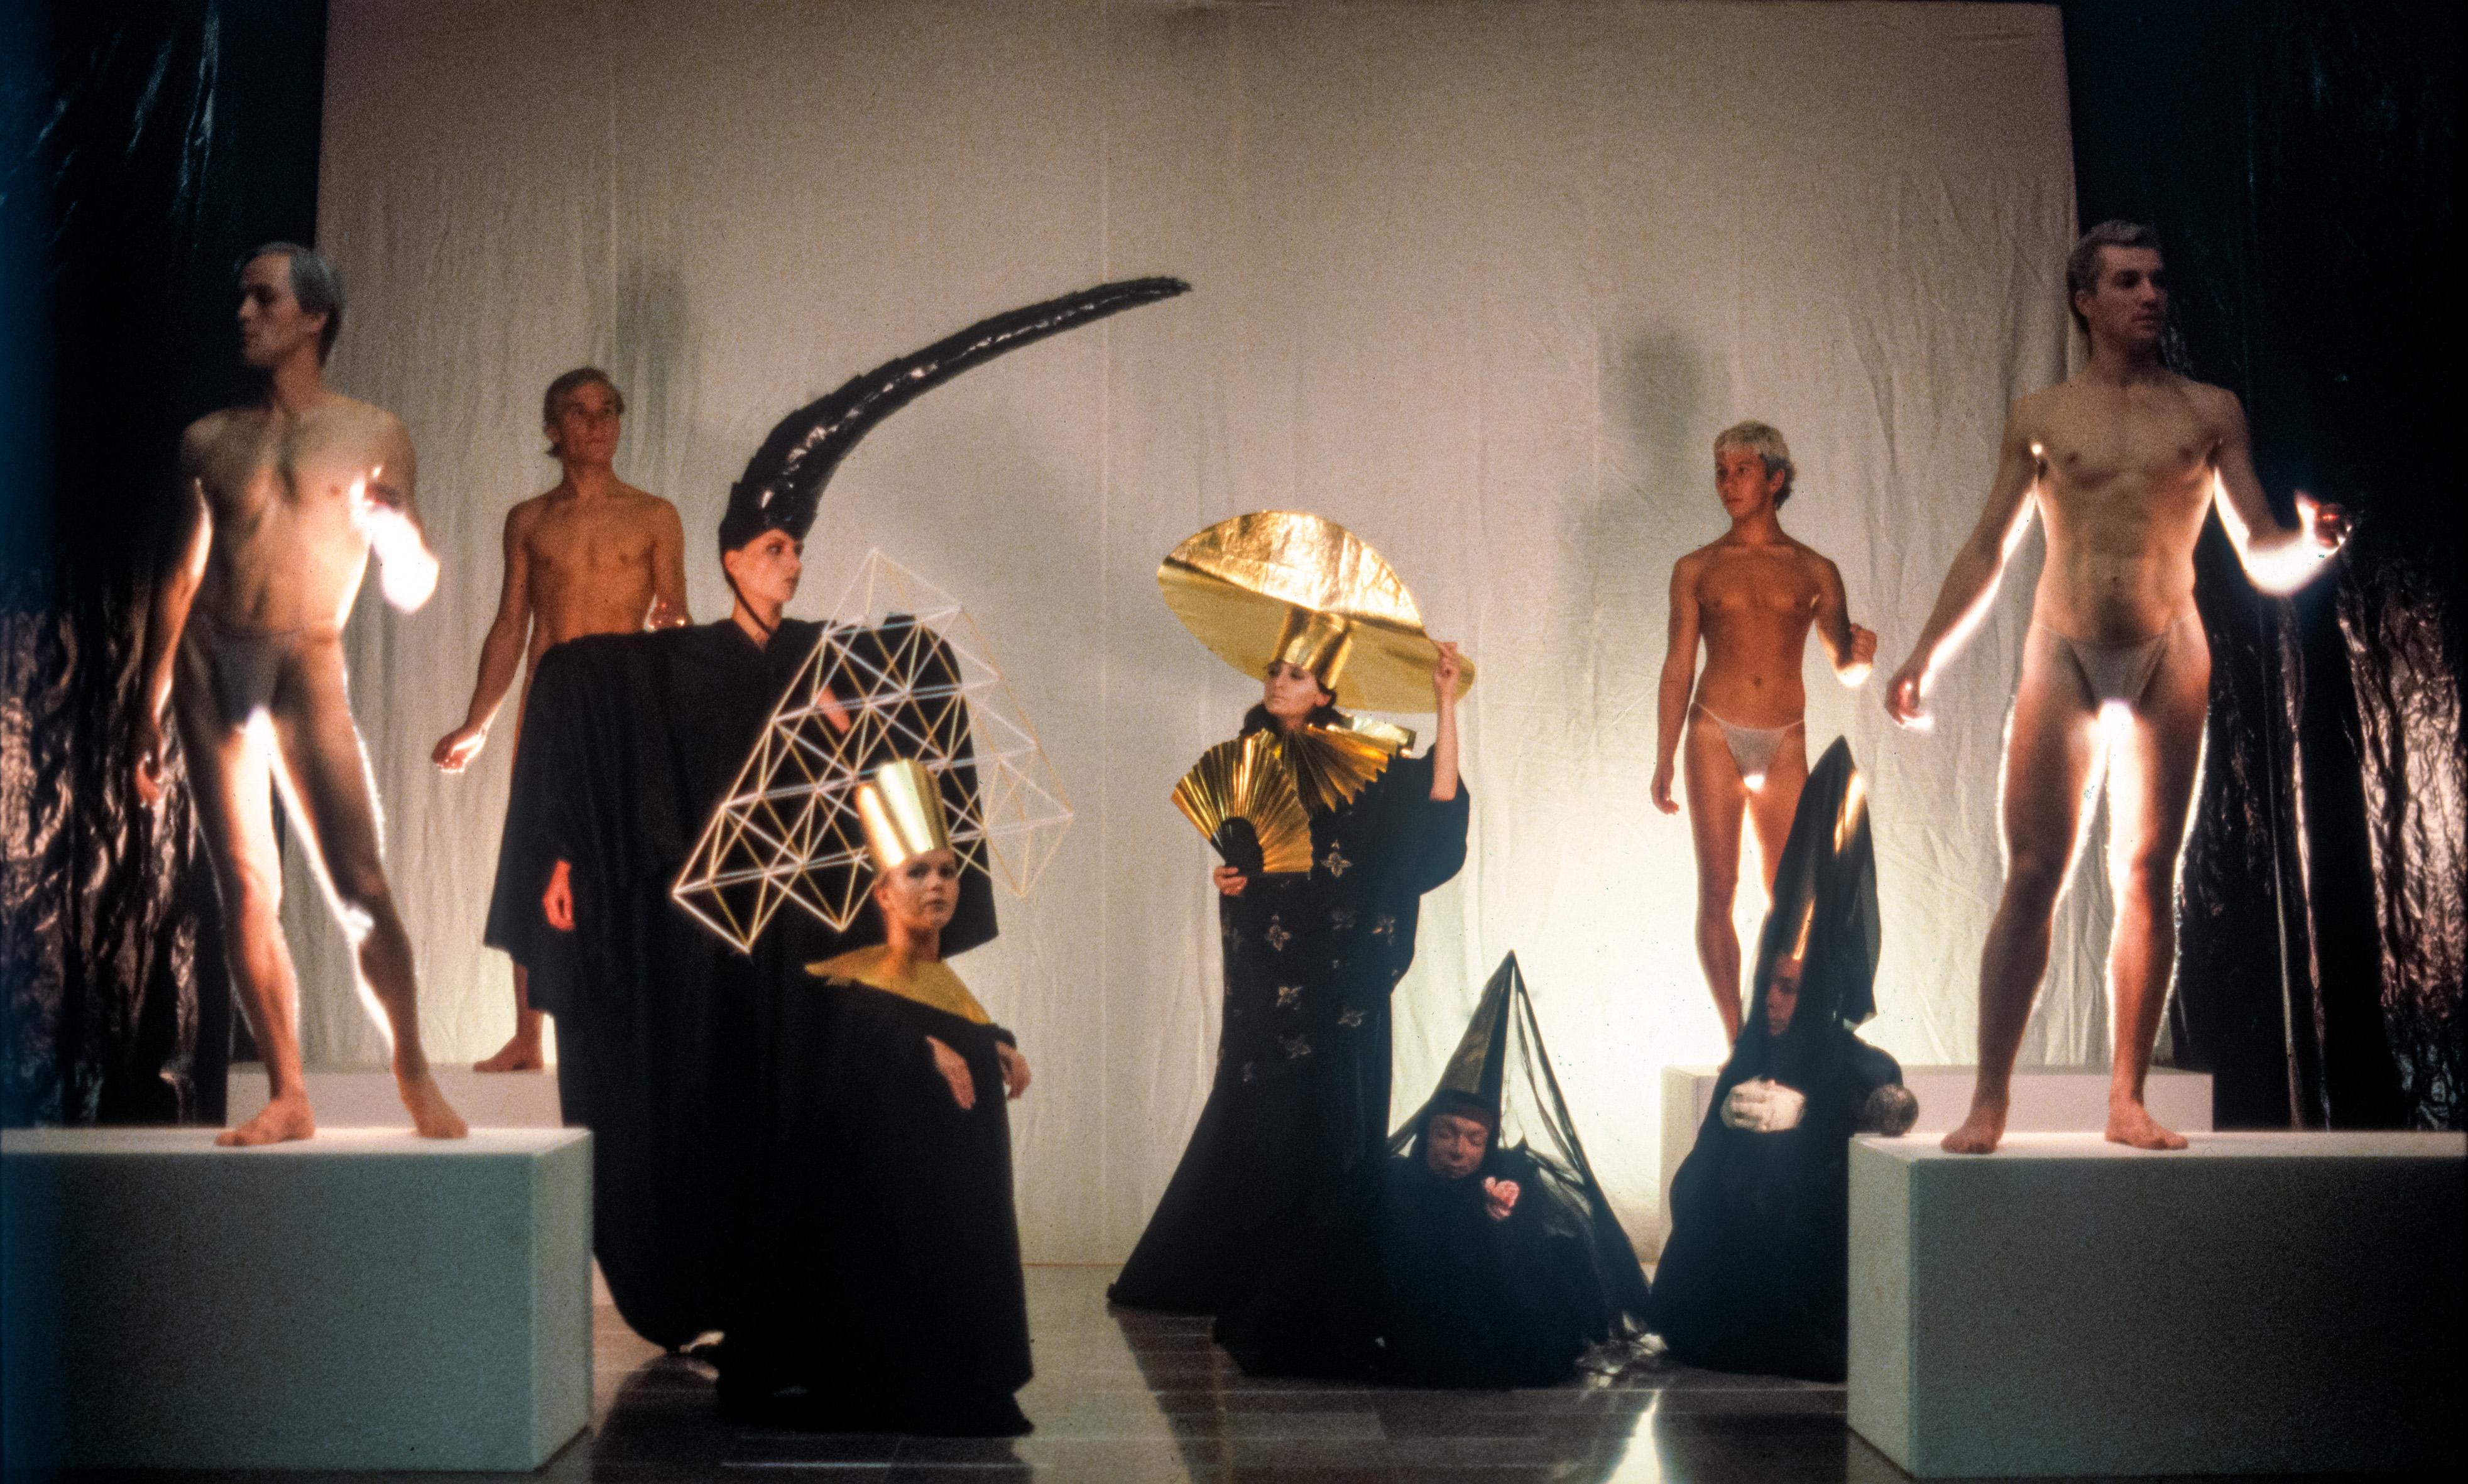 198208 Jack Helen Brut: Valokopio, Helsingin kaupungin taidemuseo, Meilahti